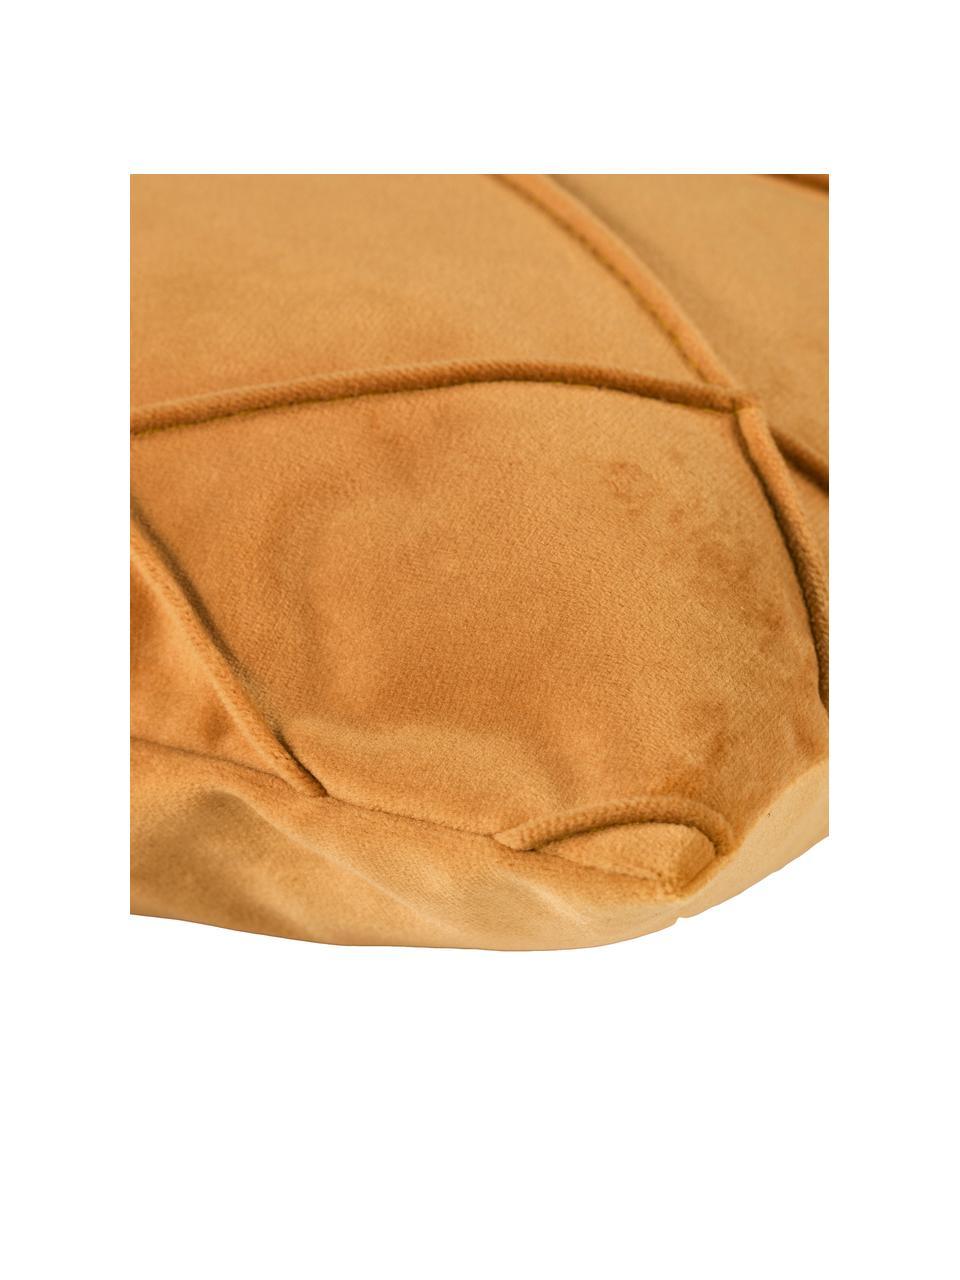 Poszewka na poduszkę z aksamitu Nobless, 100% aksamit poliestrowy, Żółty, S 40 x D 40 cm